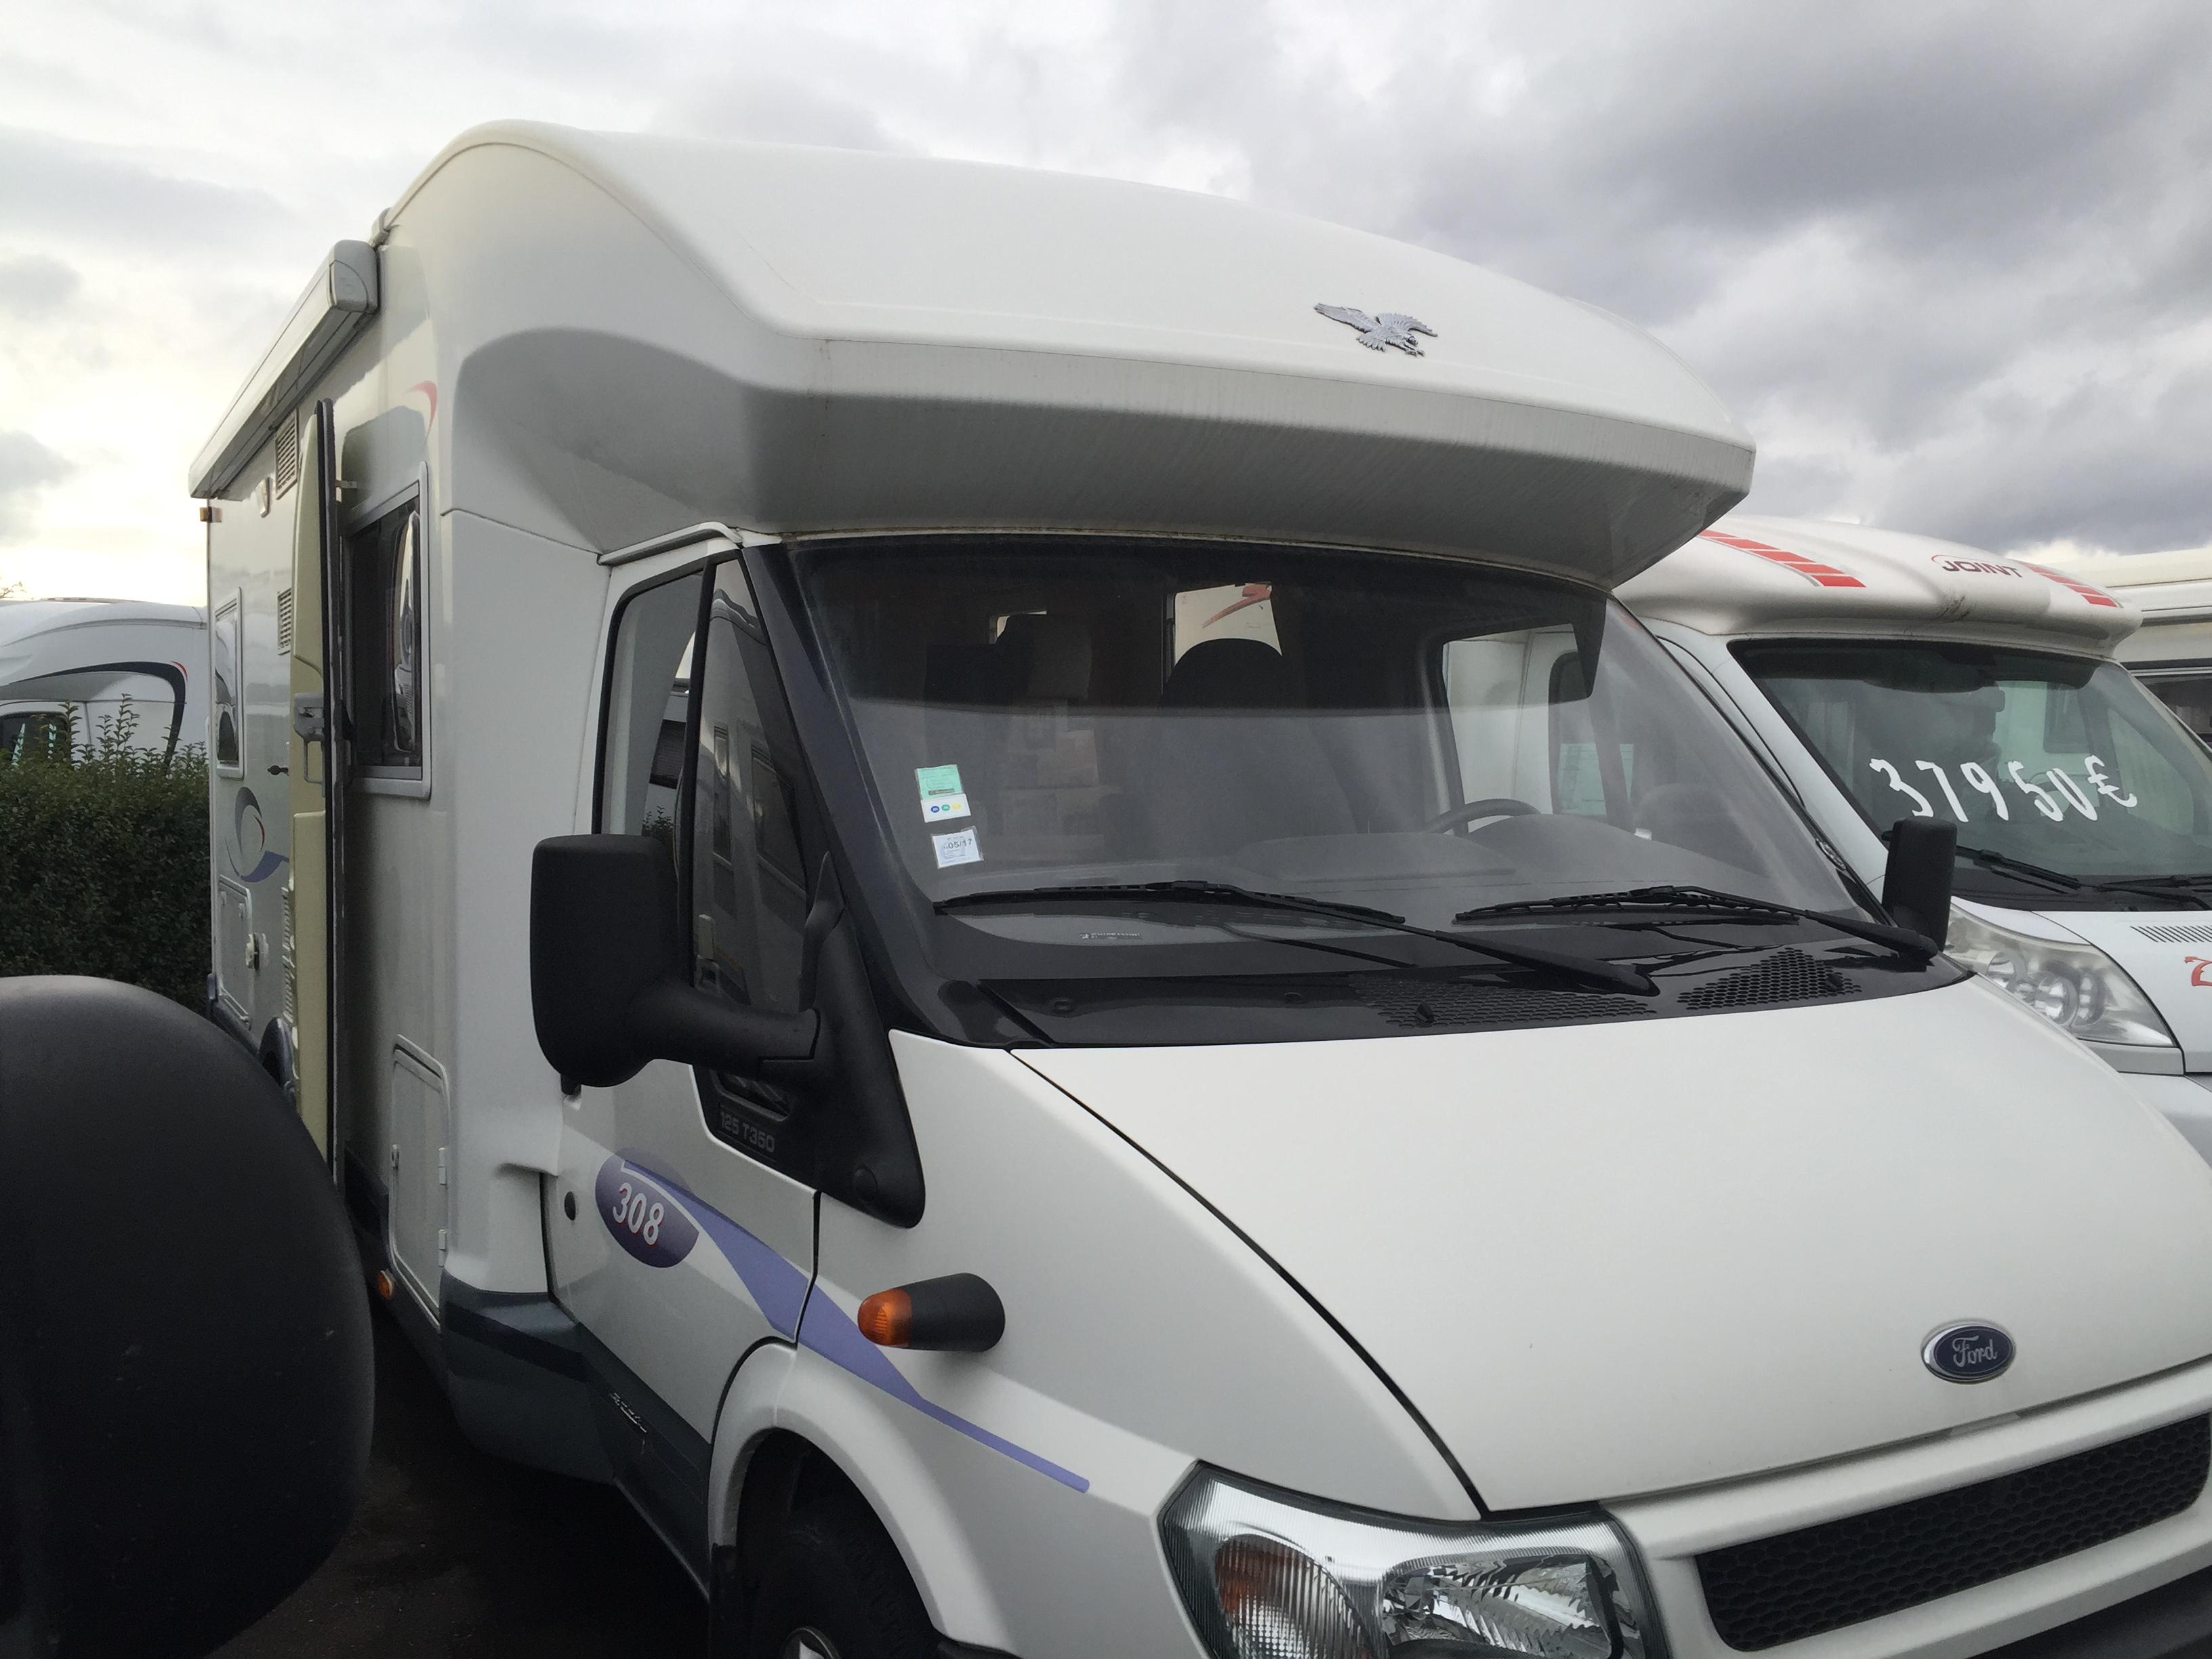 challenger 308 occasion porteur ford 2 4 l 125 cv camping car vendre en rhin 67 ref. Black Bedroom Furniture Sets. Home Design Ideas